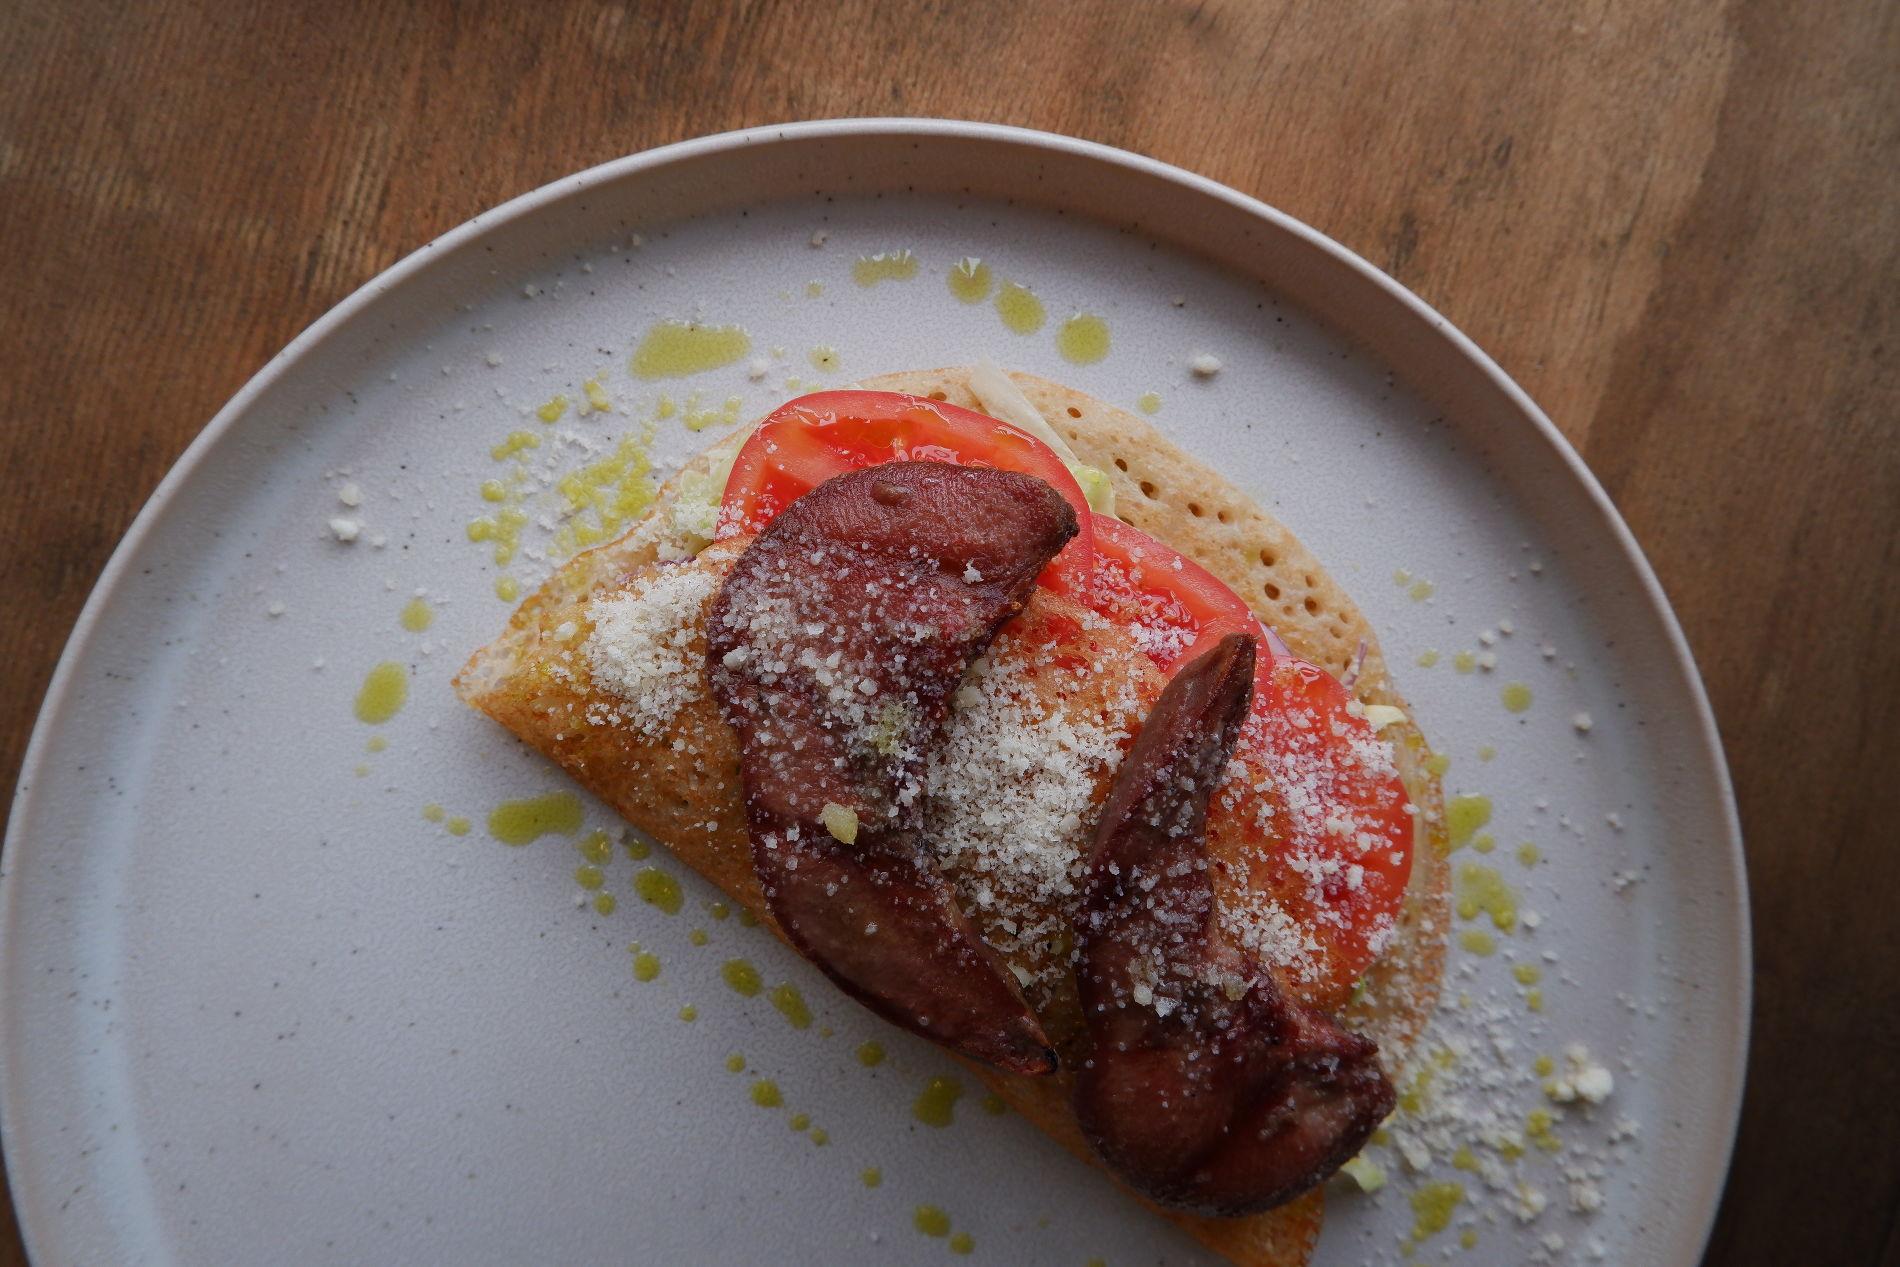 Блины с языком ягненка, томатами и соусом из тунца и анчоусов ©Фото предоставлено PR-службой ресторана «Скотина»